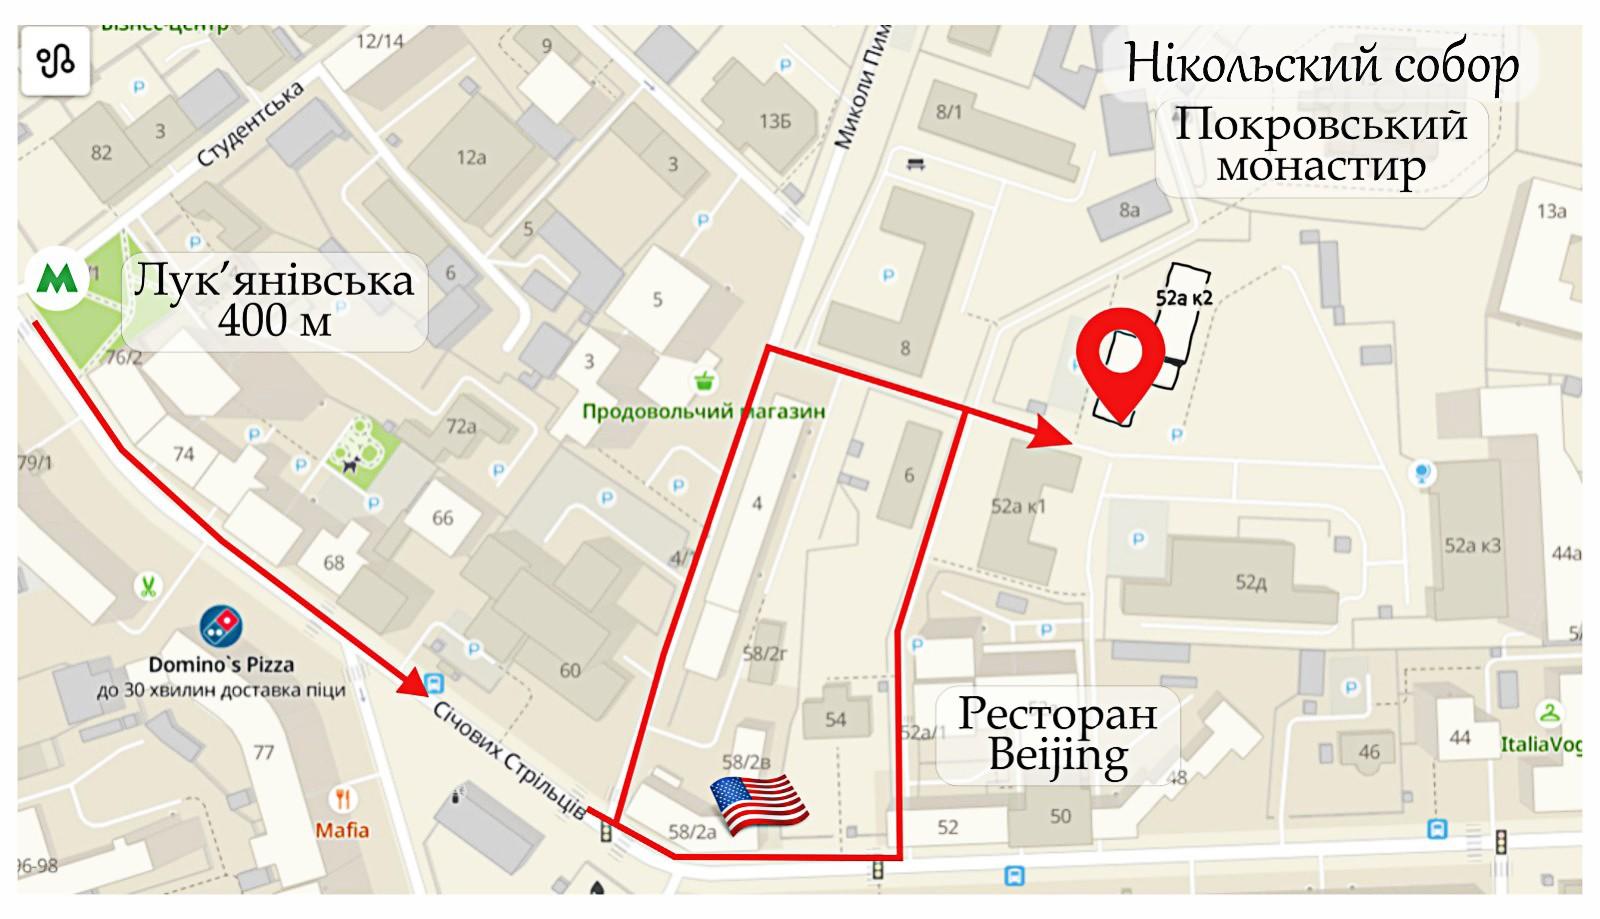 Адрес фотостудии: ул. Сечевых Стрельцов, (Артема) 52АК2